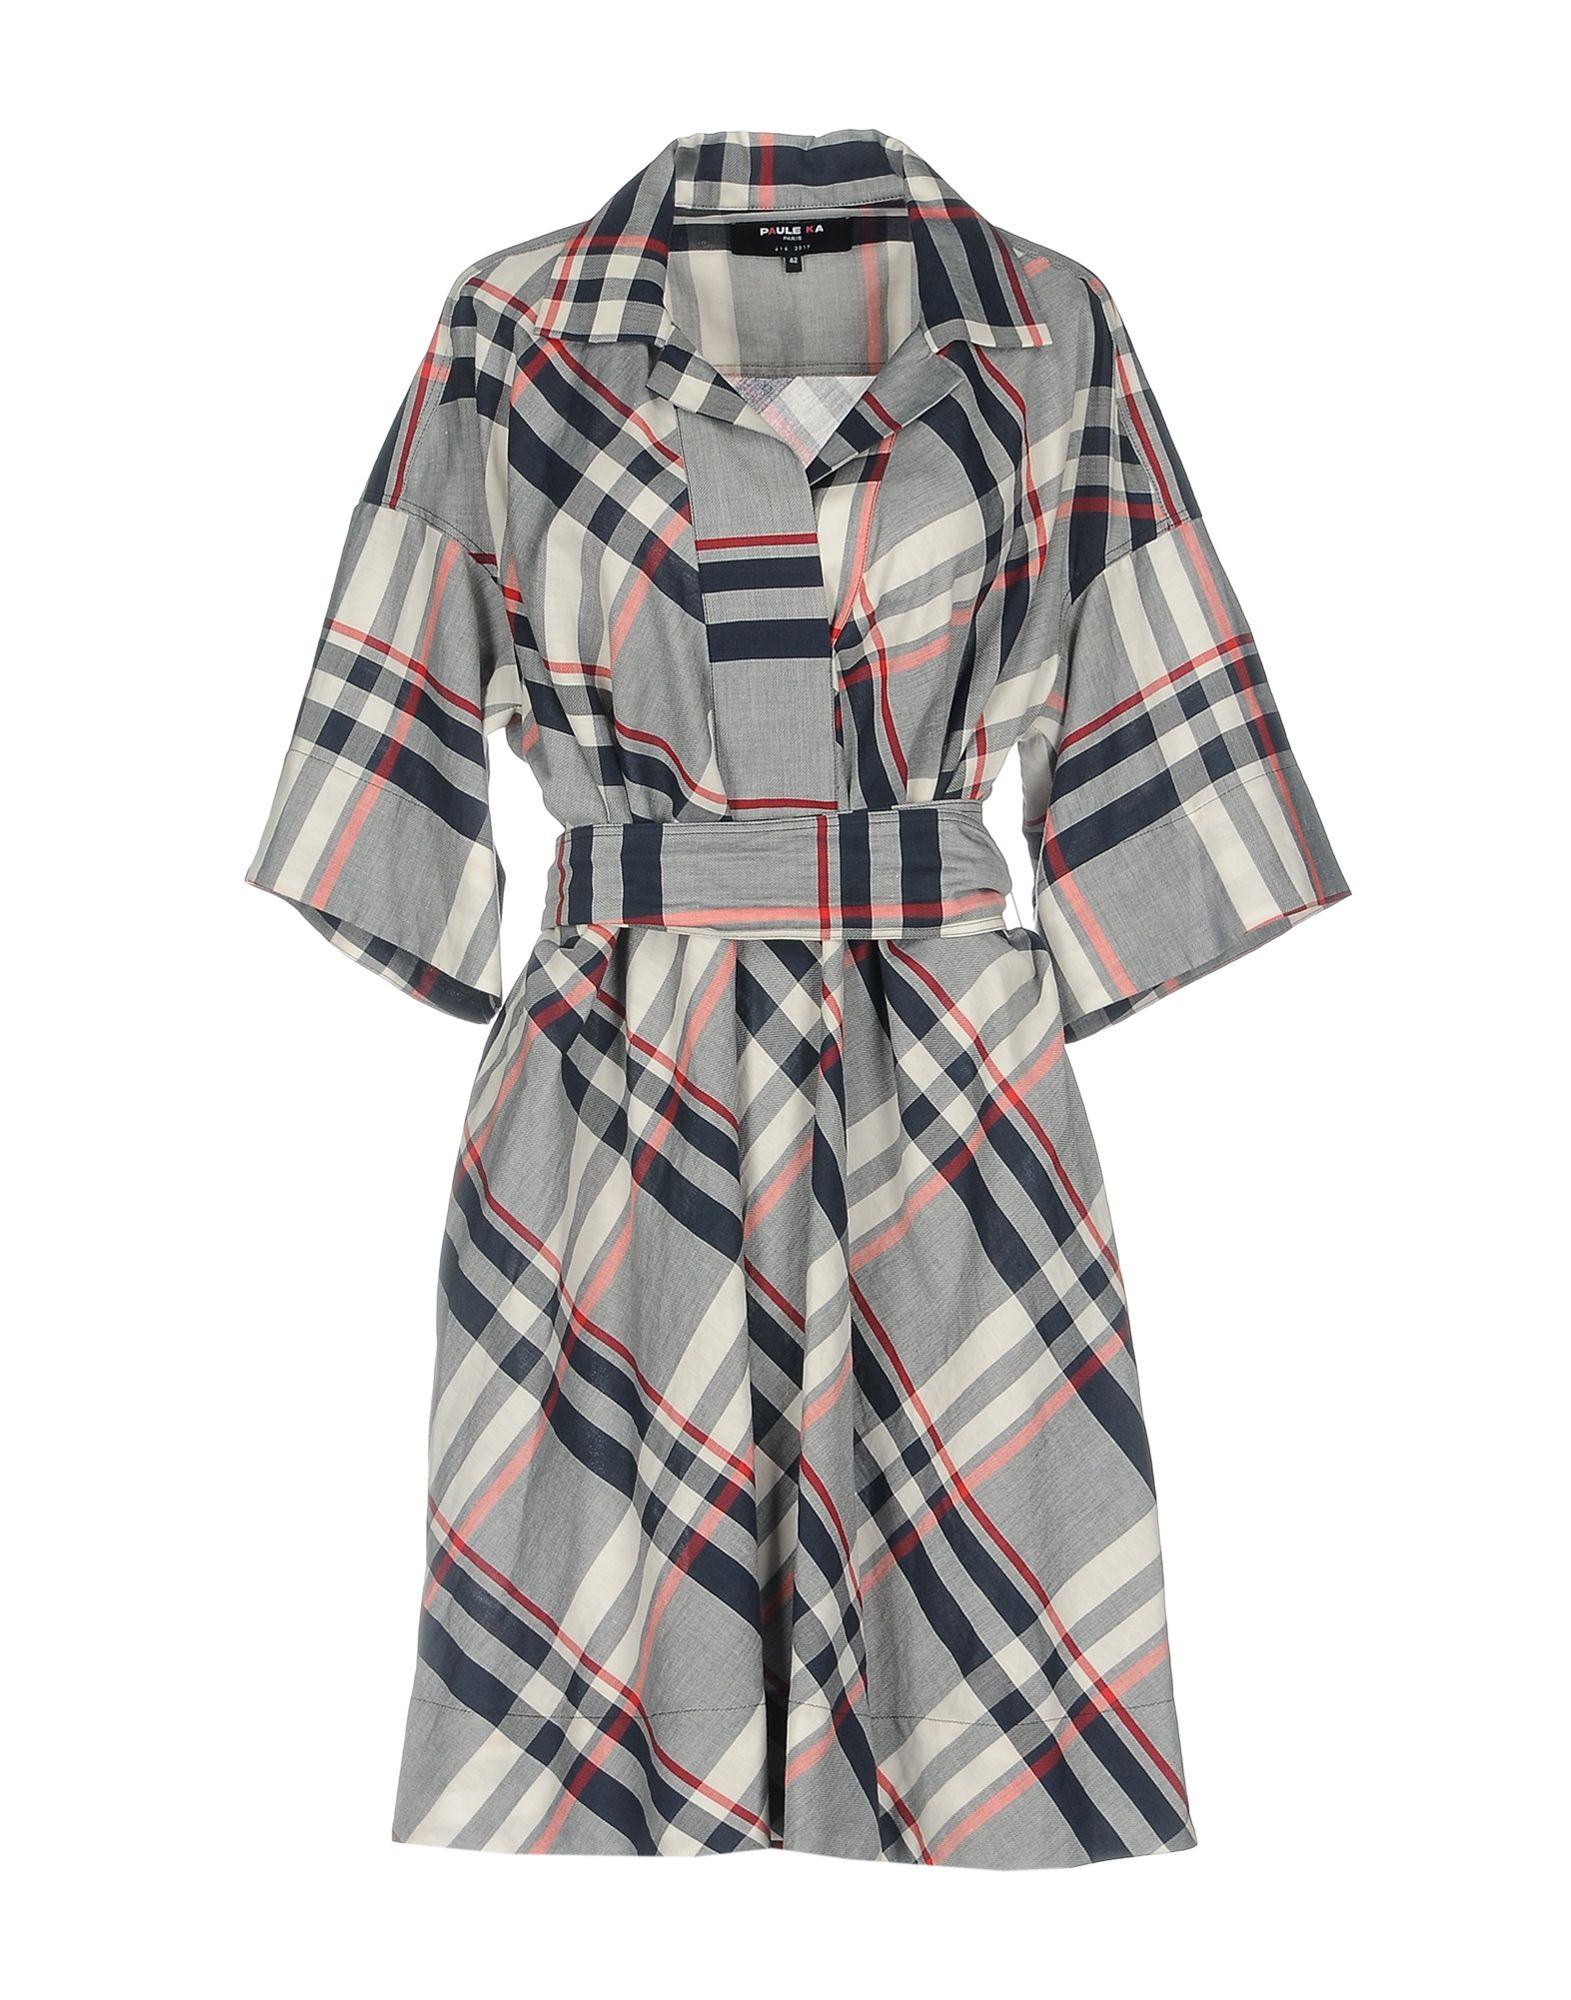 Vestito Corto Paule Ka Donna - Acquista online su OI4Xm8Sfy